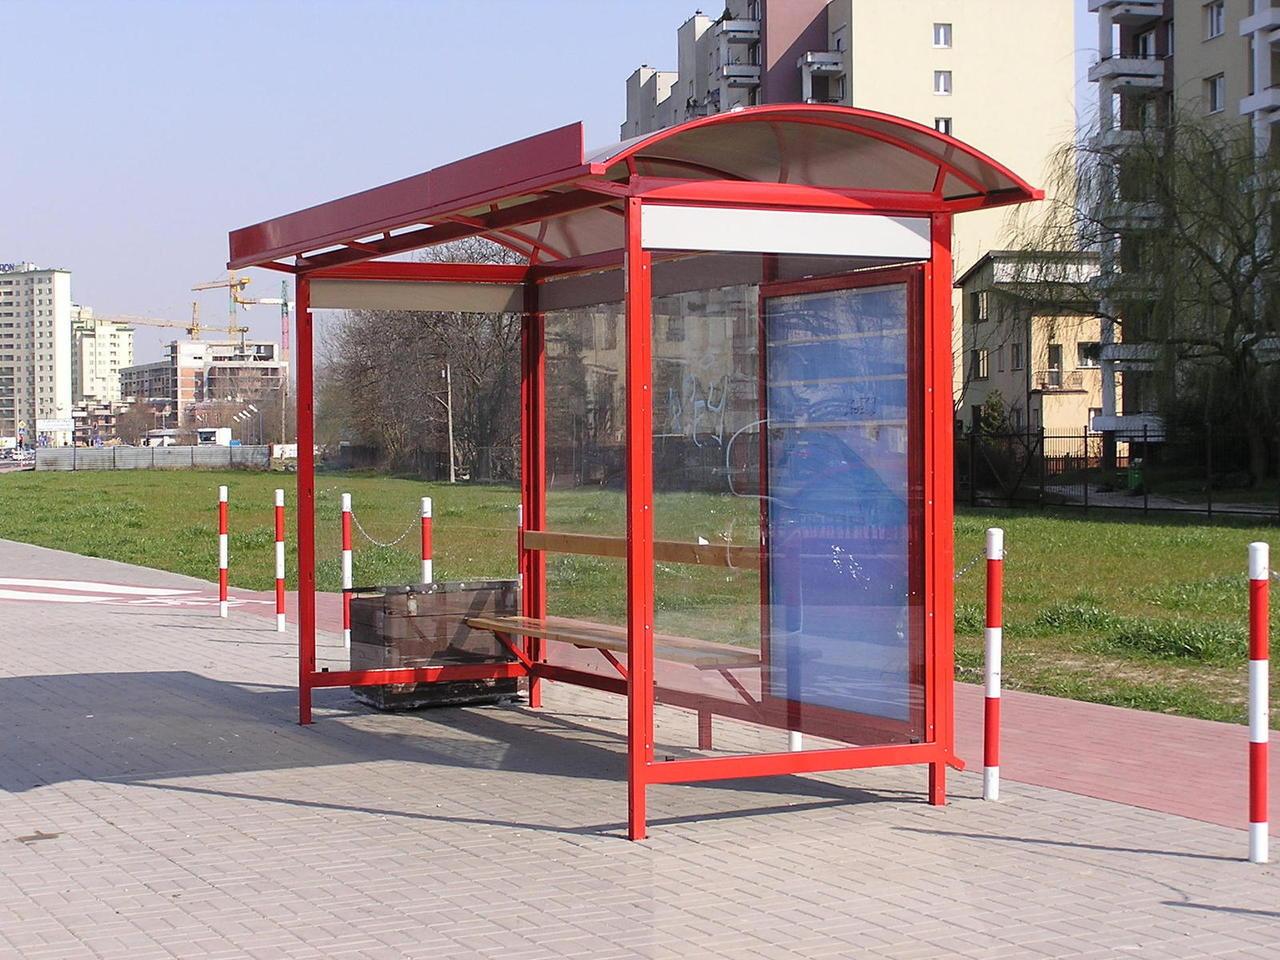 Lokalizacja firmy, a komunikacja miejska